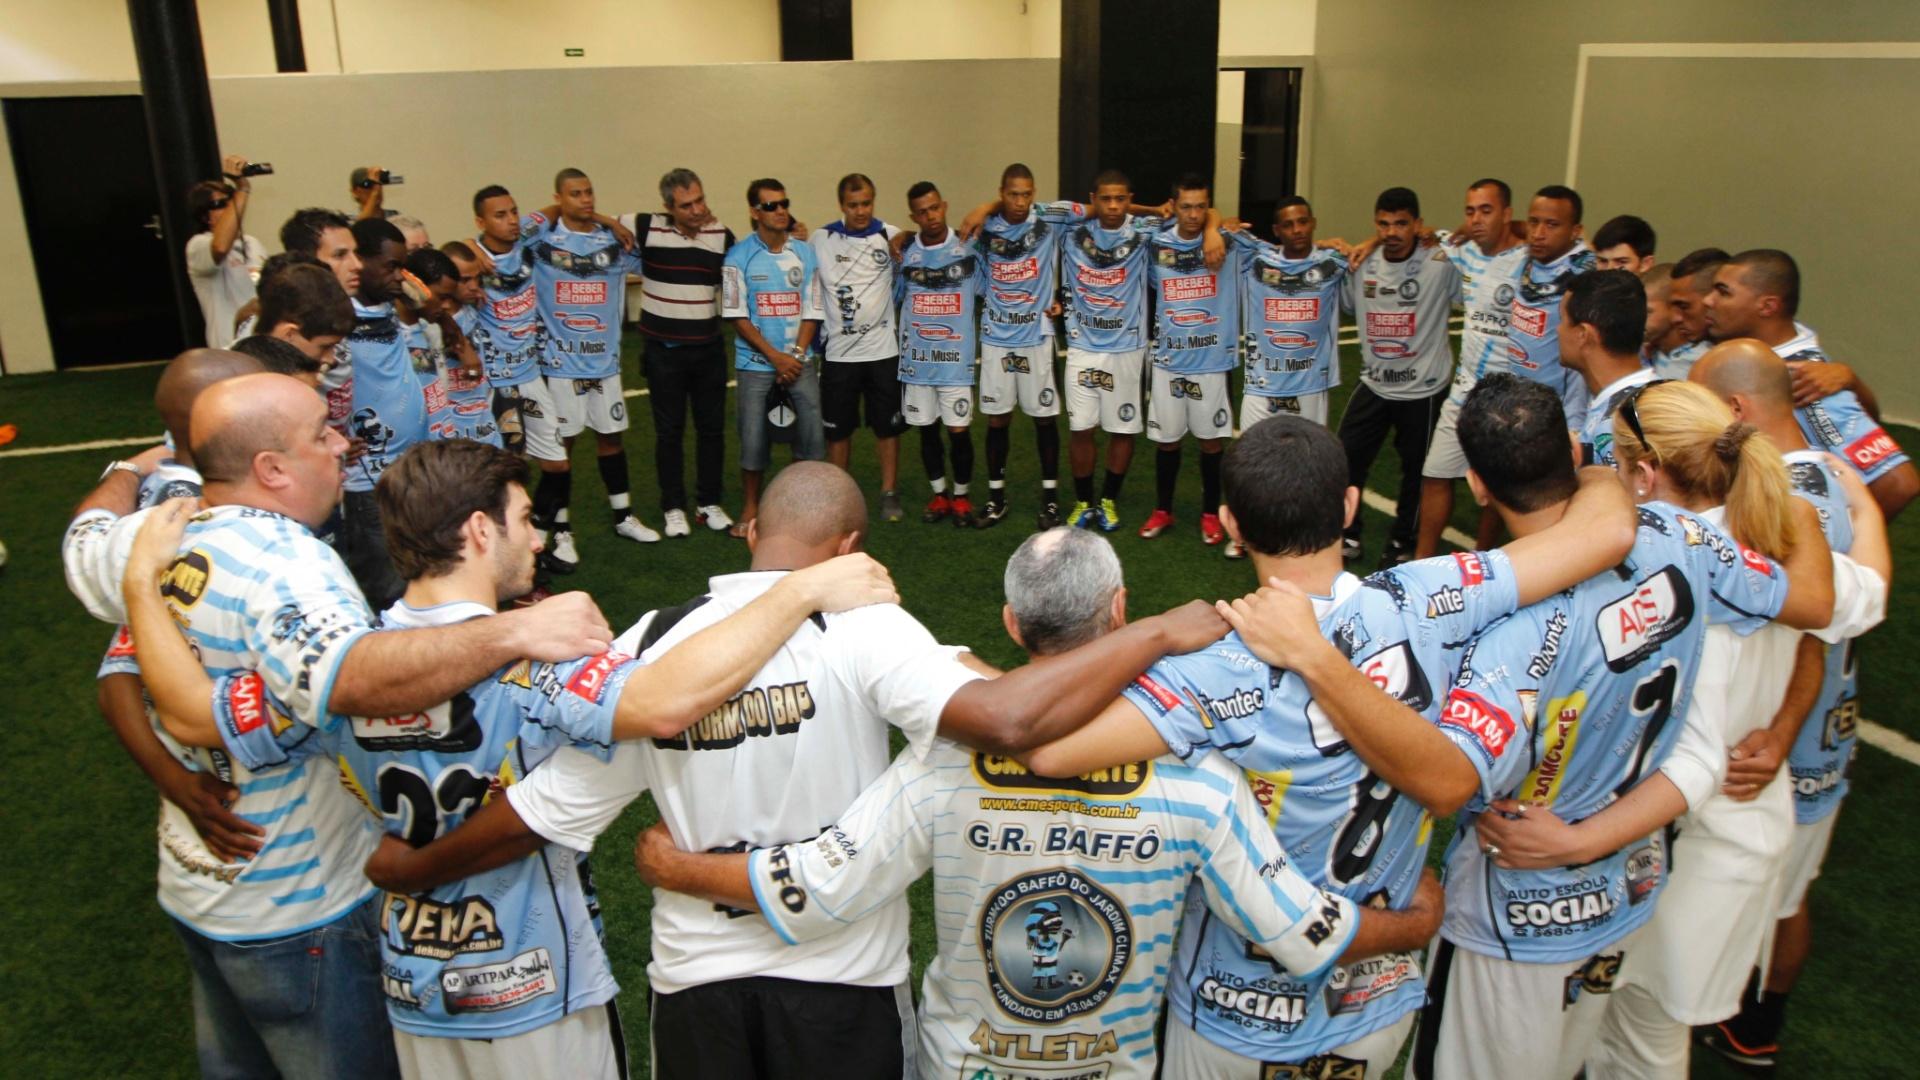 Jogadores da Turma do Baffô fazem oração antes do início da final contra o Ajax